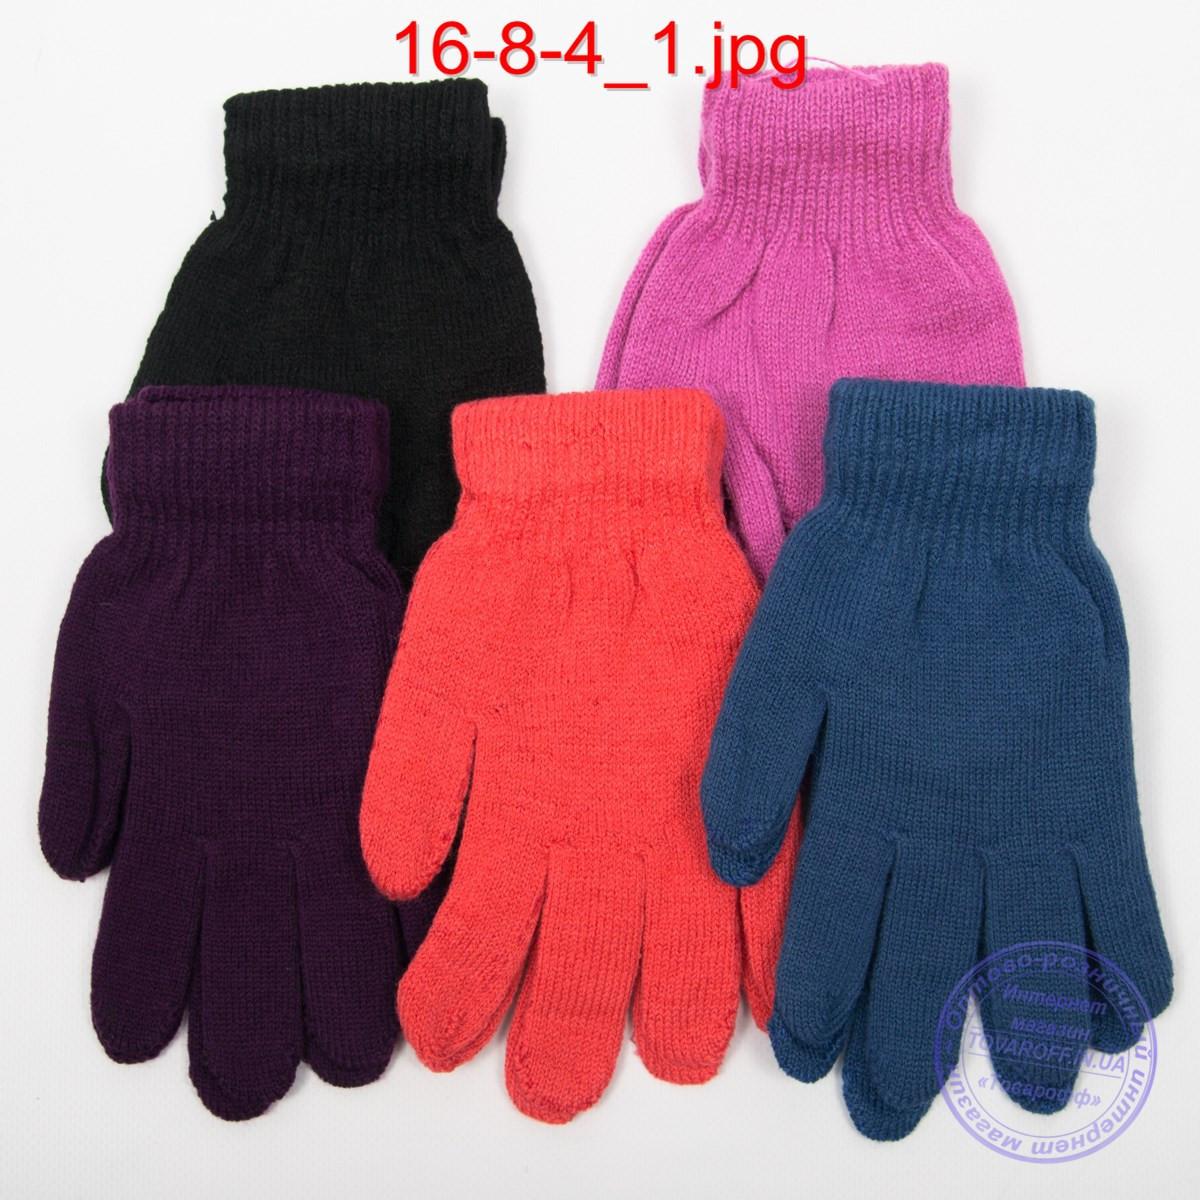 Оптом подростковые перчатки - №16-8-4